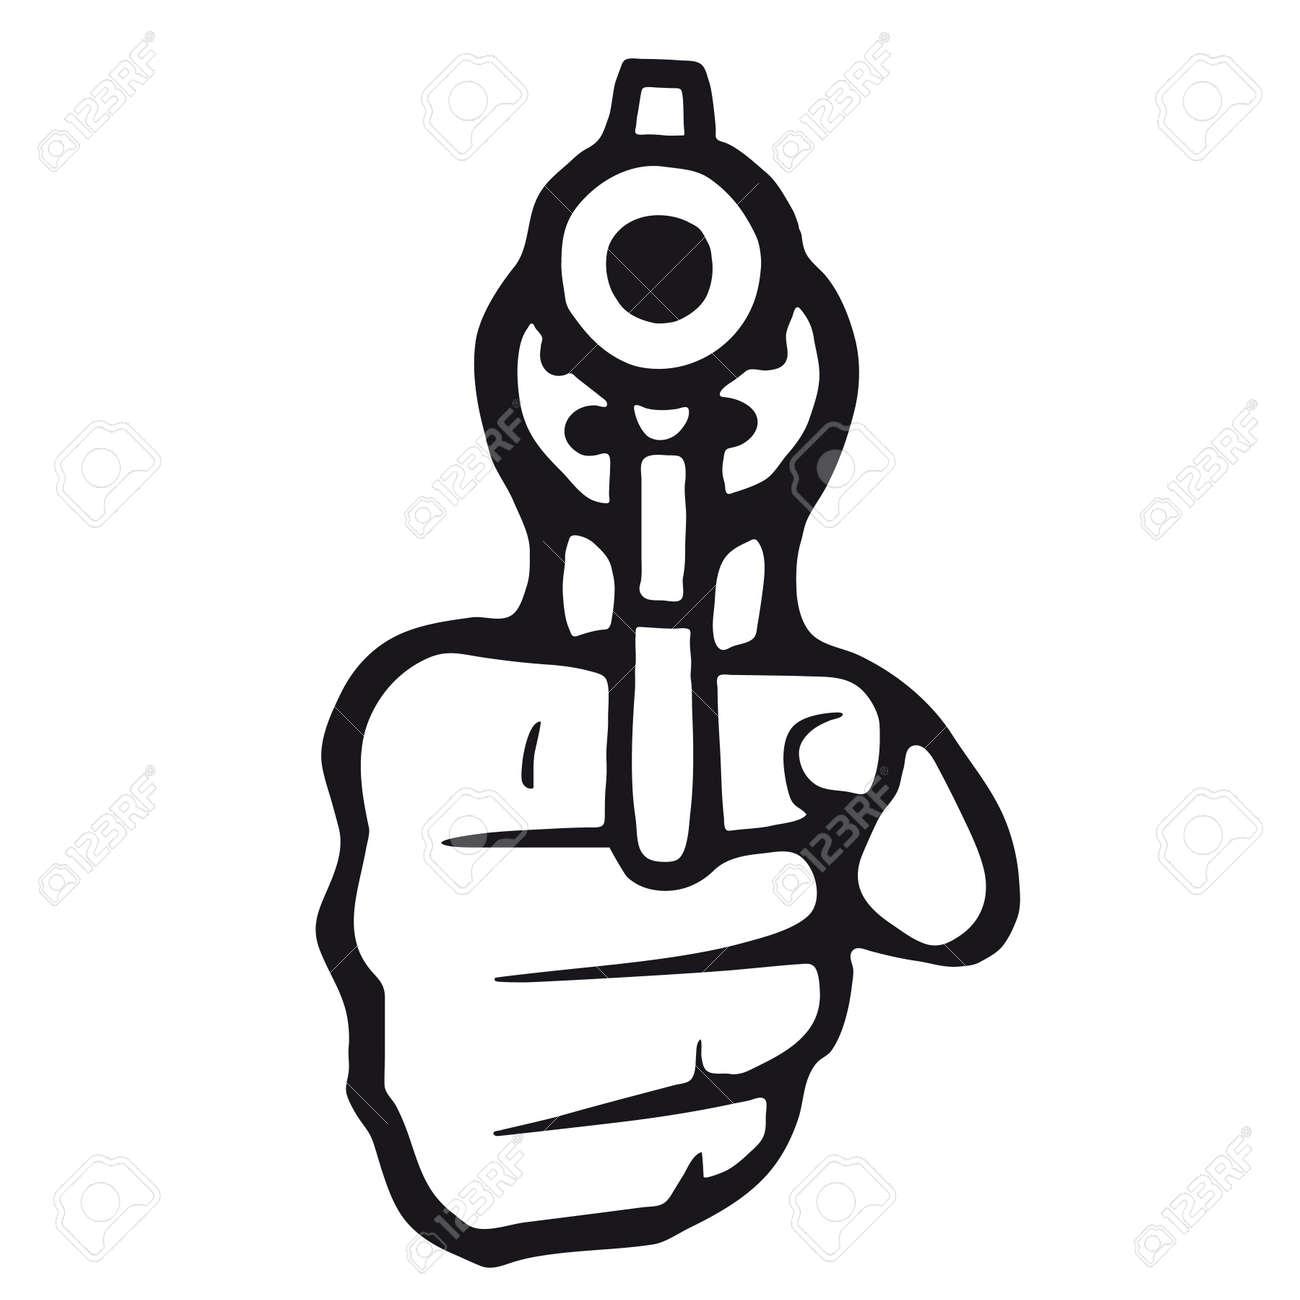 gun Stock Vector - 10726103